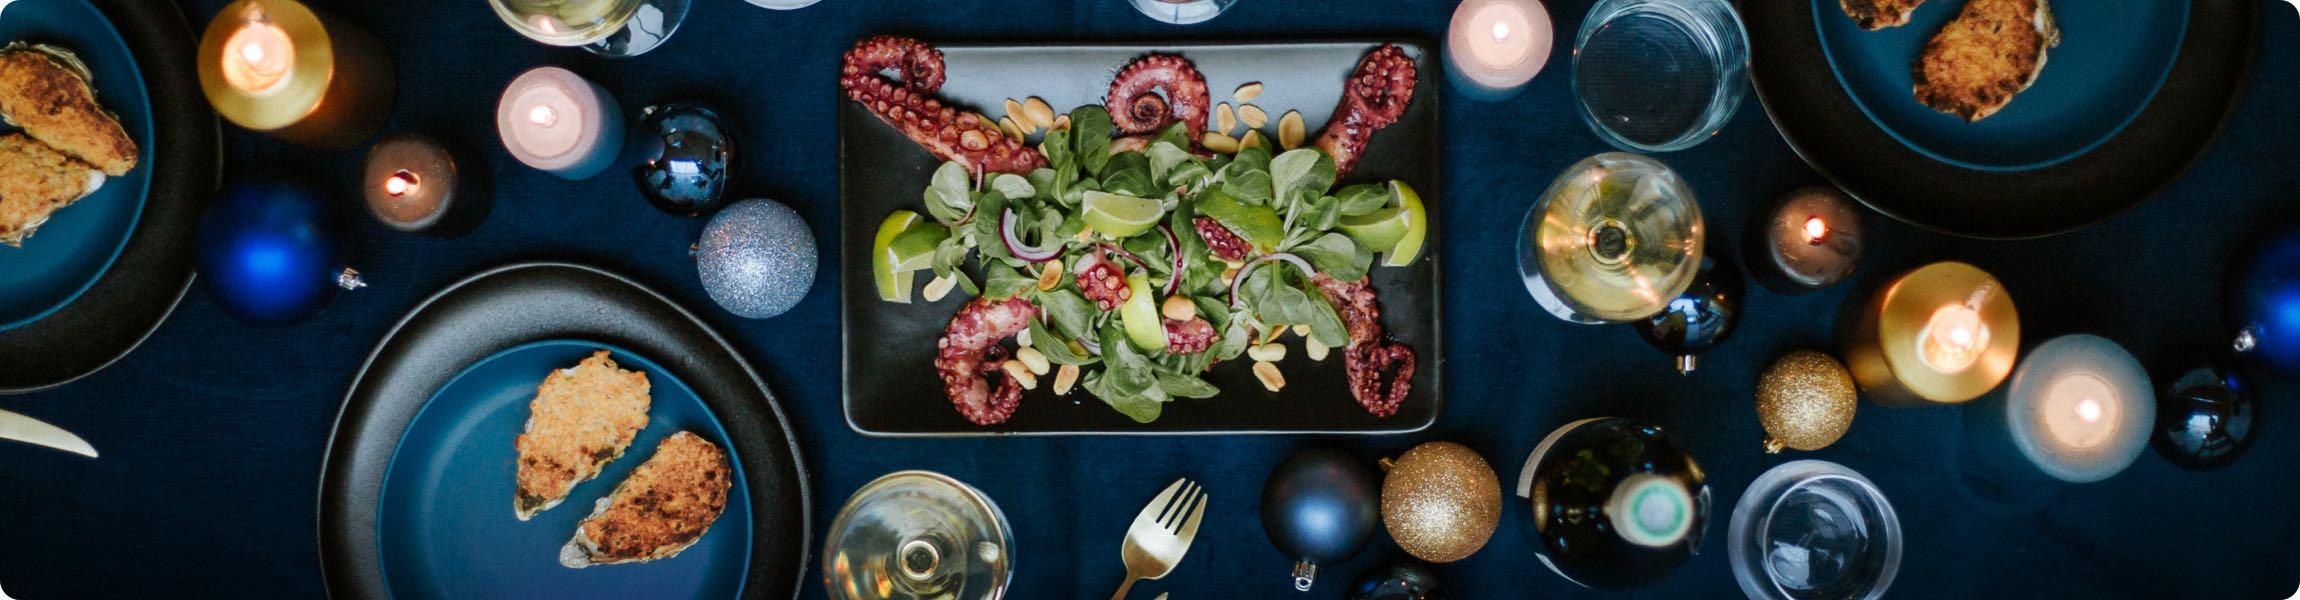 Salade de mâche, poulpe grillé, citron vert et cacahuètes ; huitres chaudes gratinées au safran et parmesan